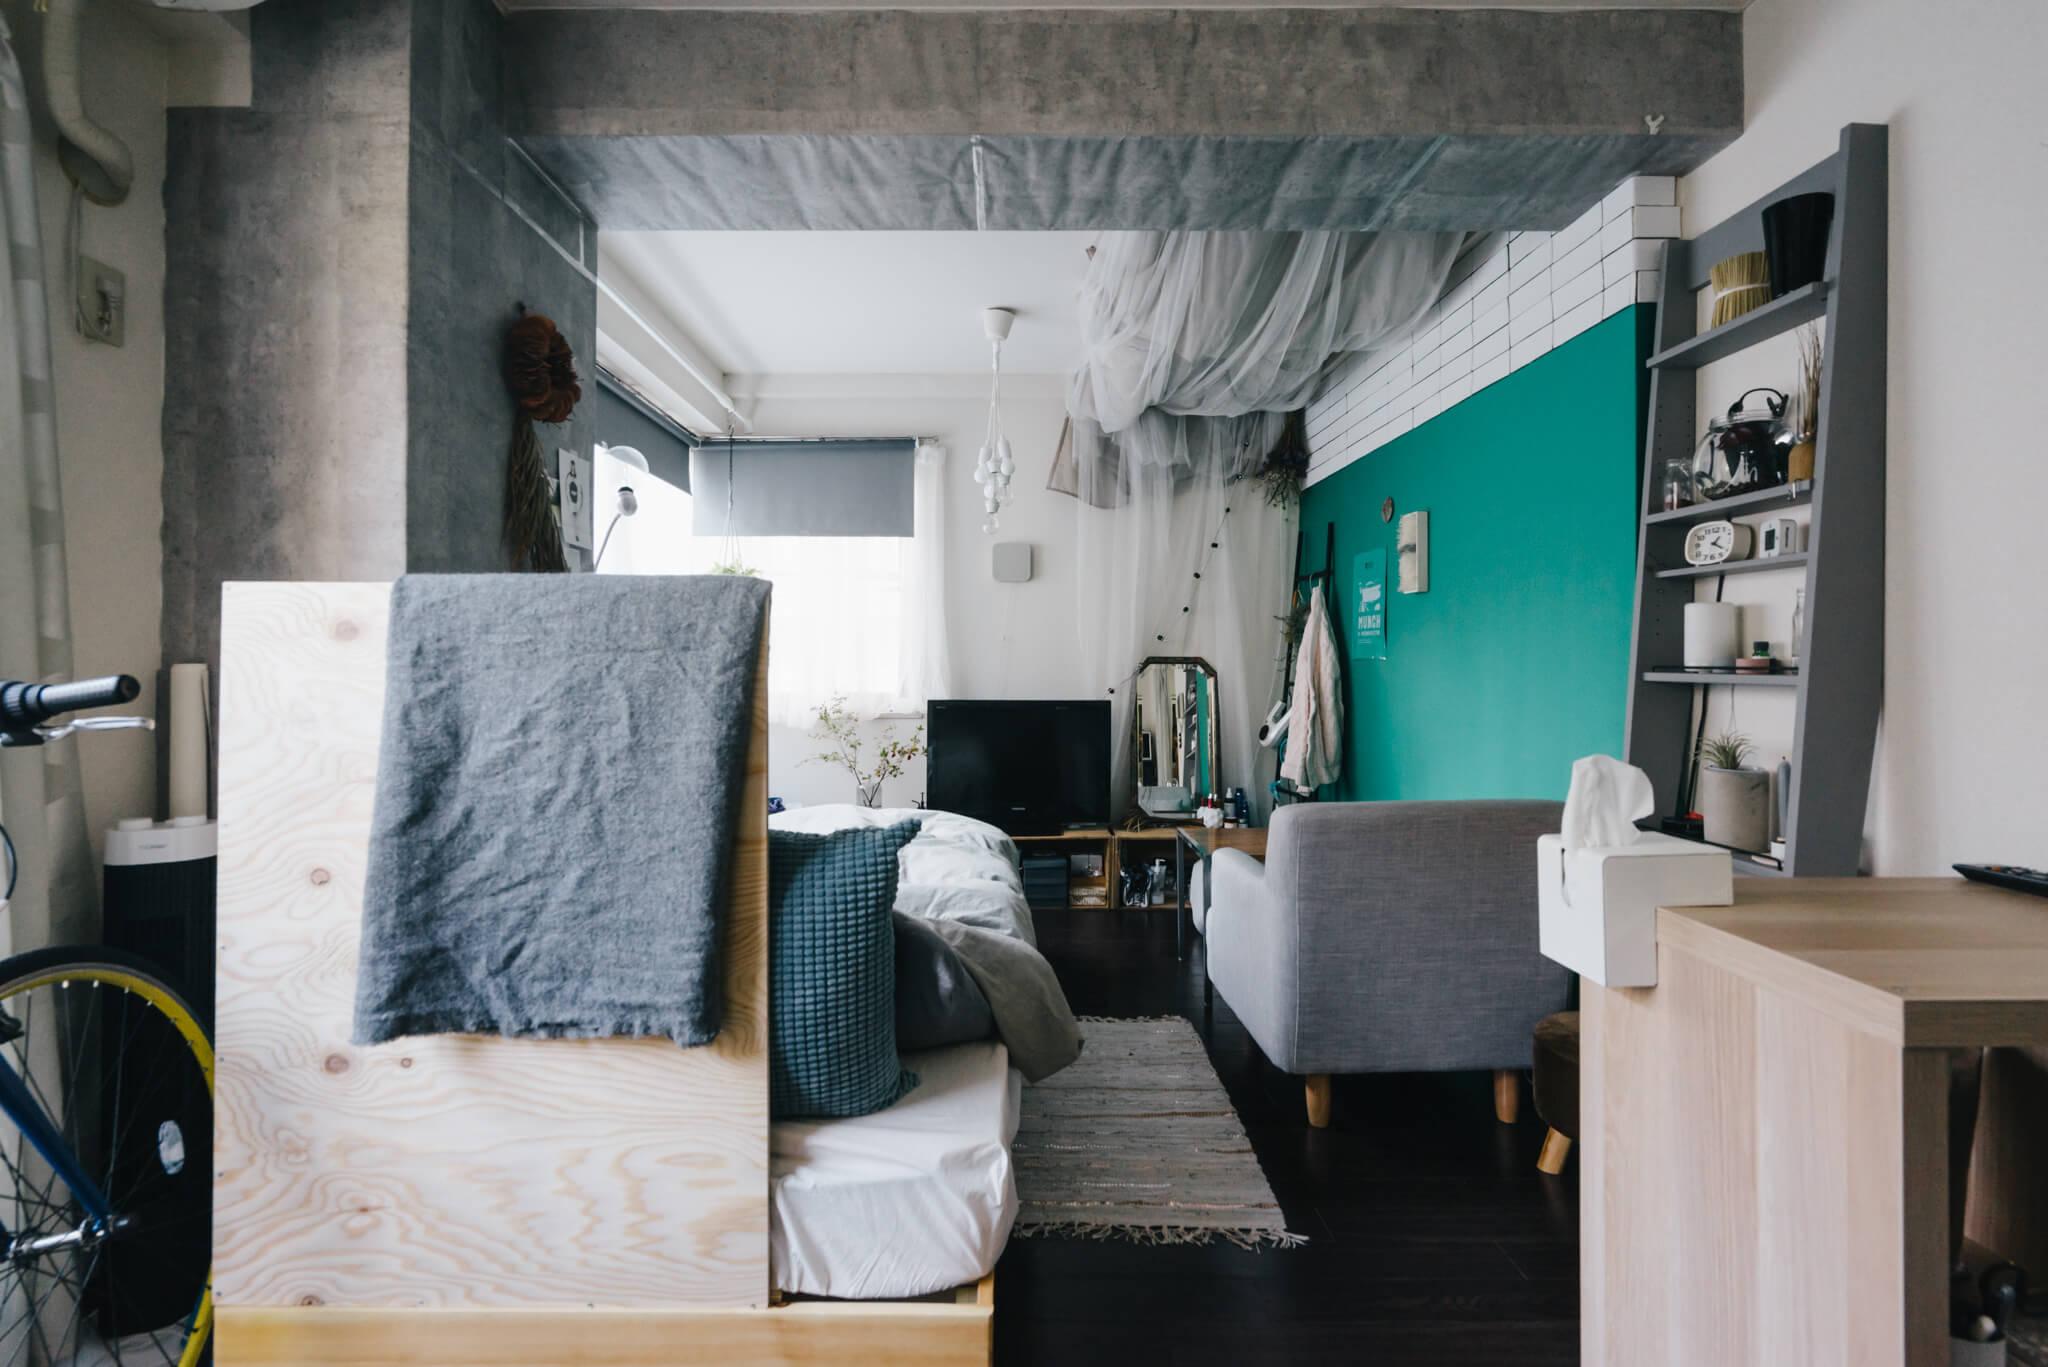 取材当日は、壁紙を鮮やかなグリーンに、テレビが見えるようにソファ、ベッドの位置を変更したばかり。